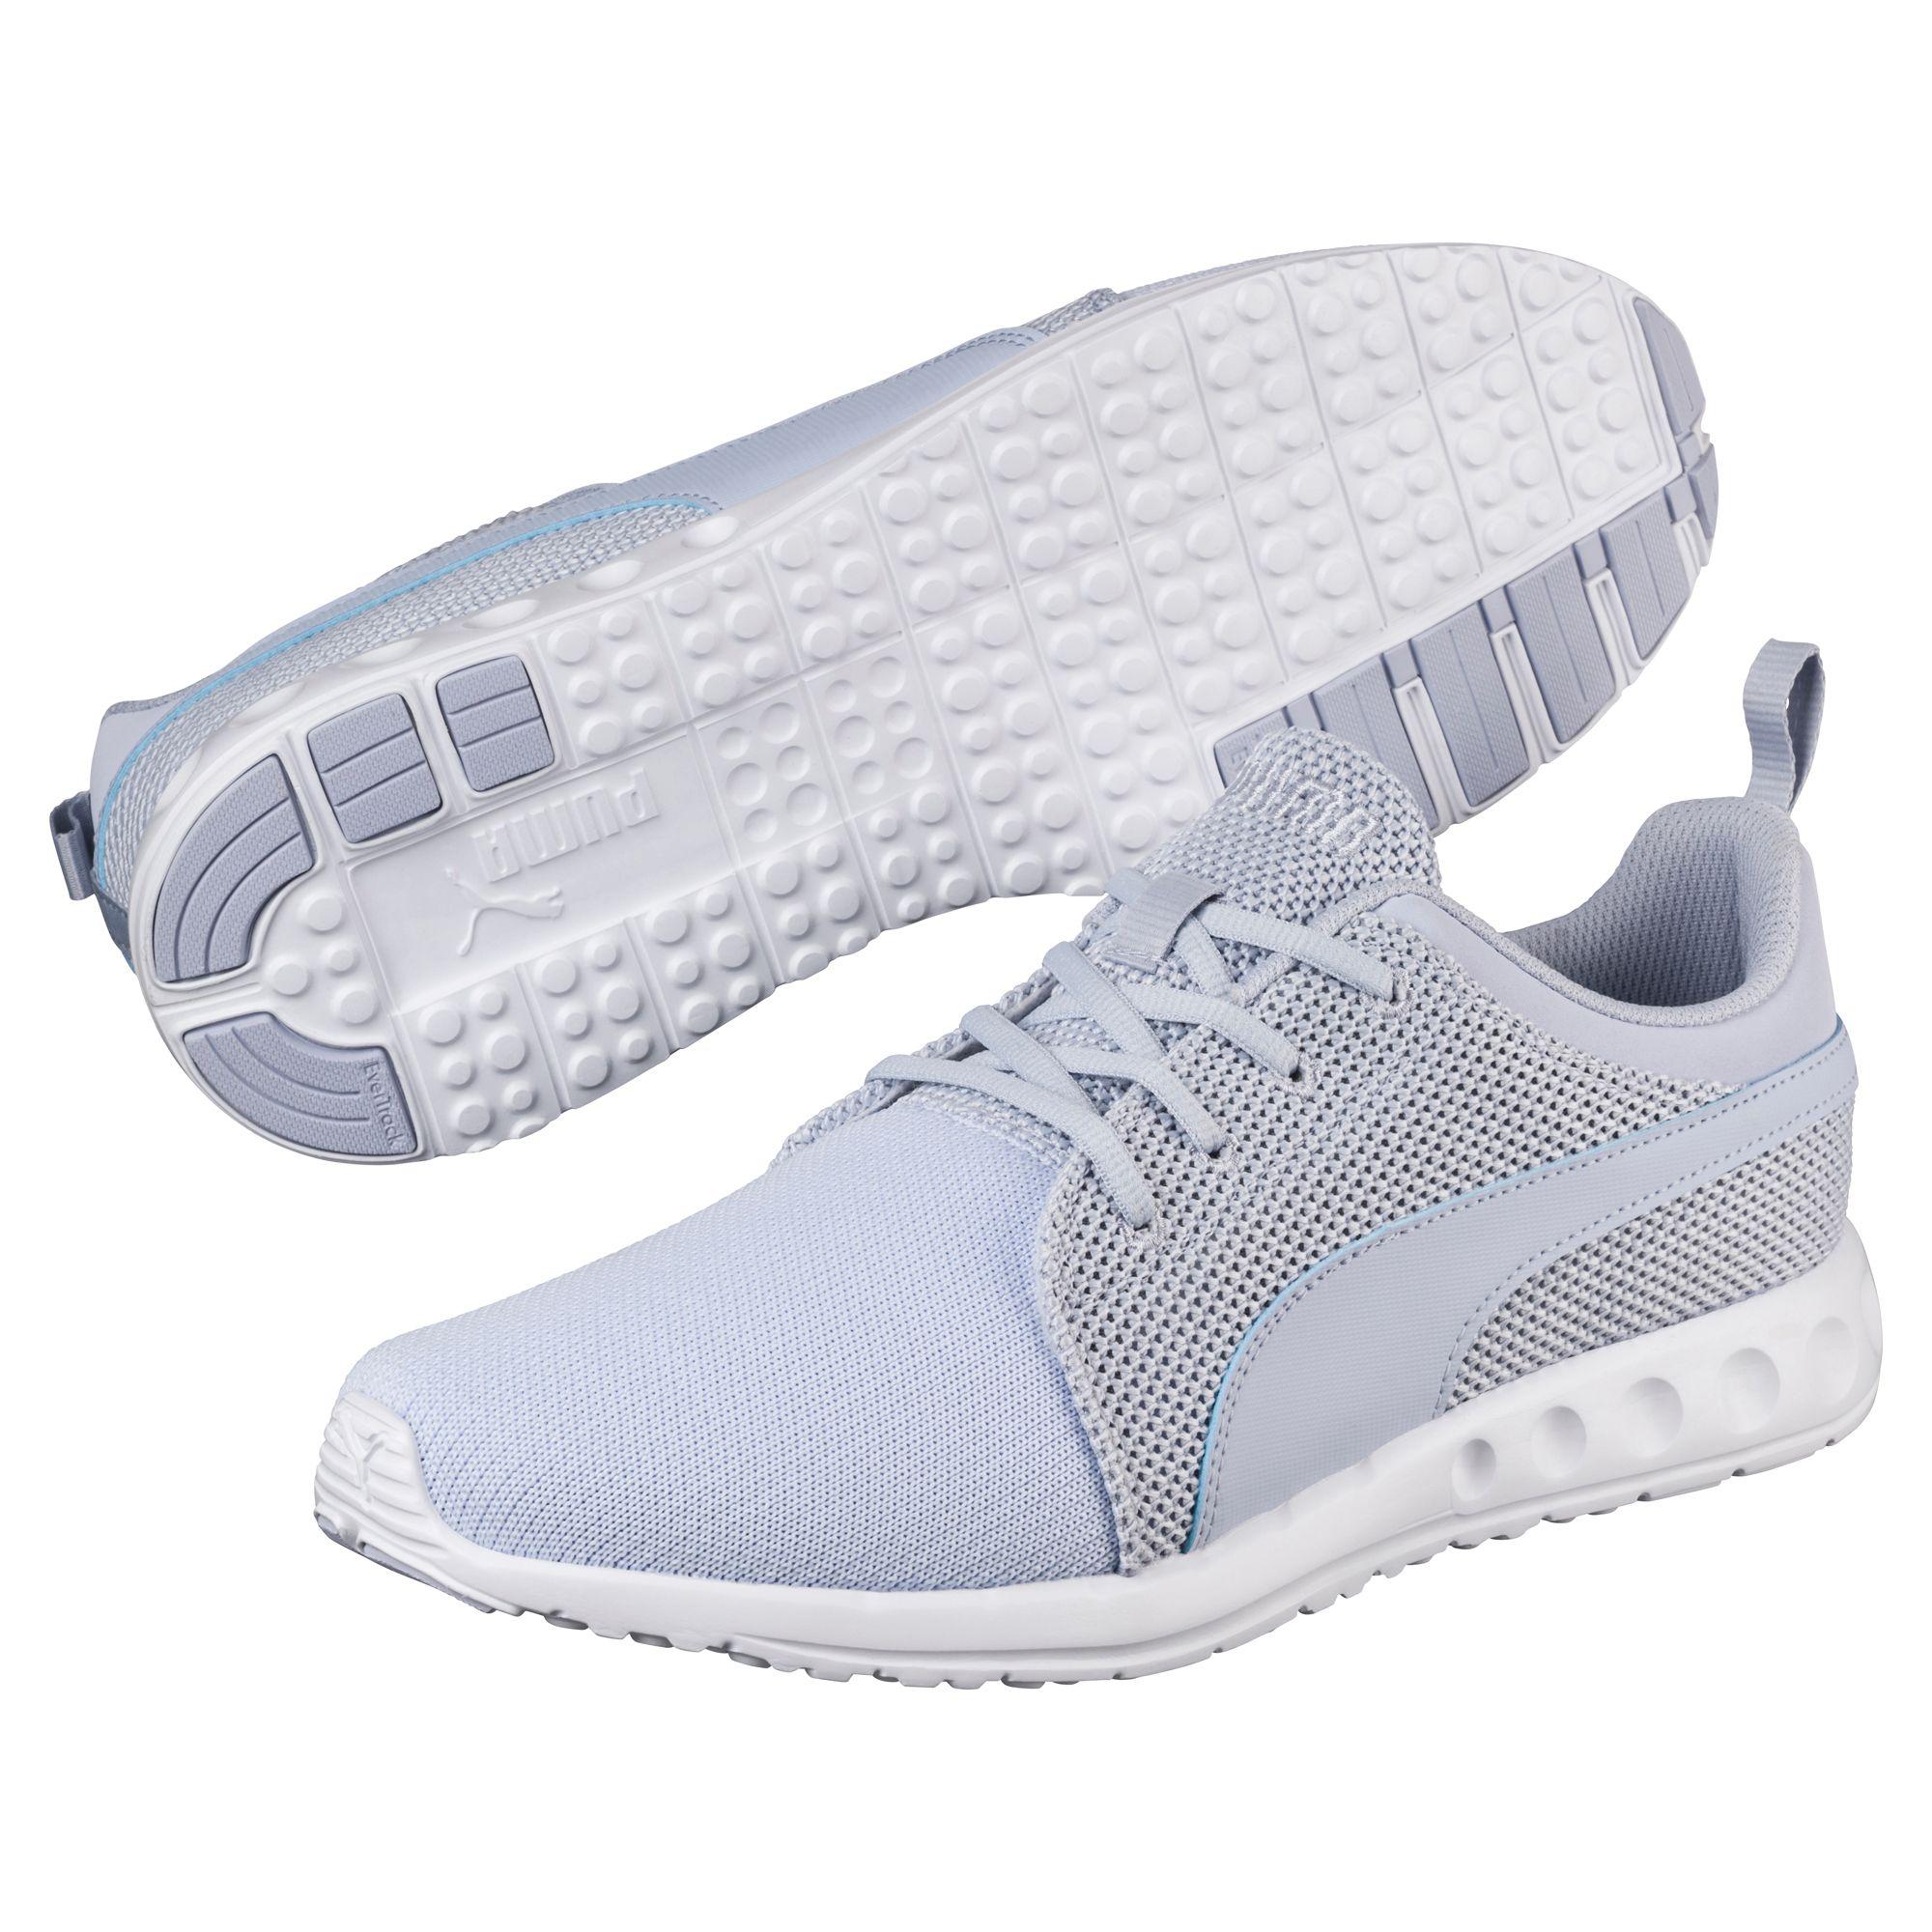 Puma chaussure de course carson runner knit pour homme unisexe chaussures neuf ebay - Chaussure pour tapis de course ...